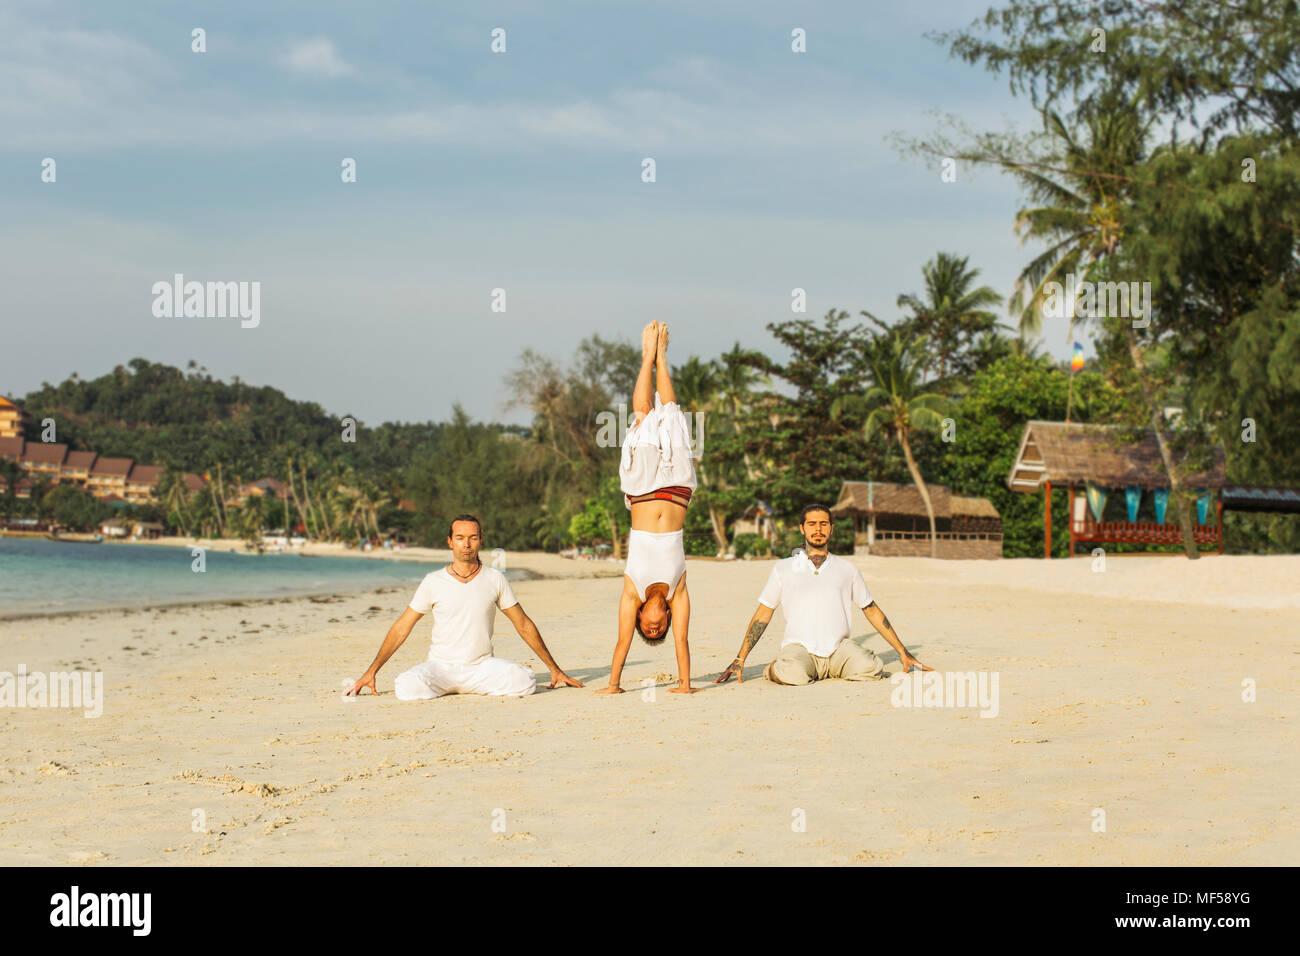 Tailandia, Koh Phangan, tres personas haciendo yoga en la playa Imagen De Stock